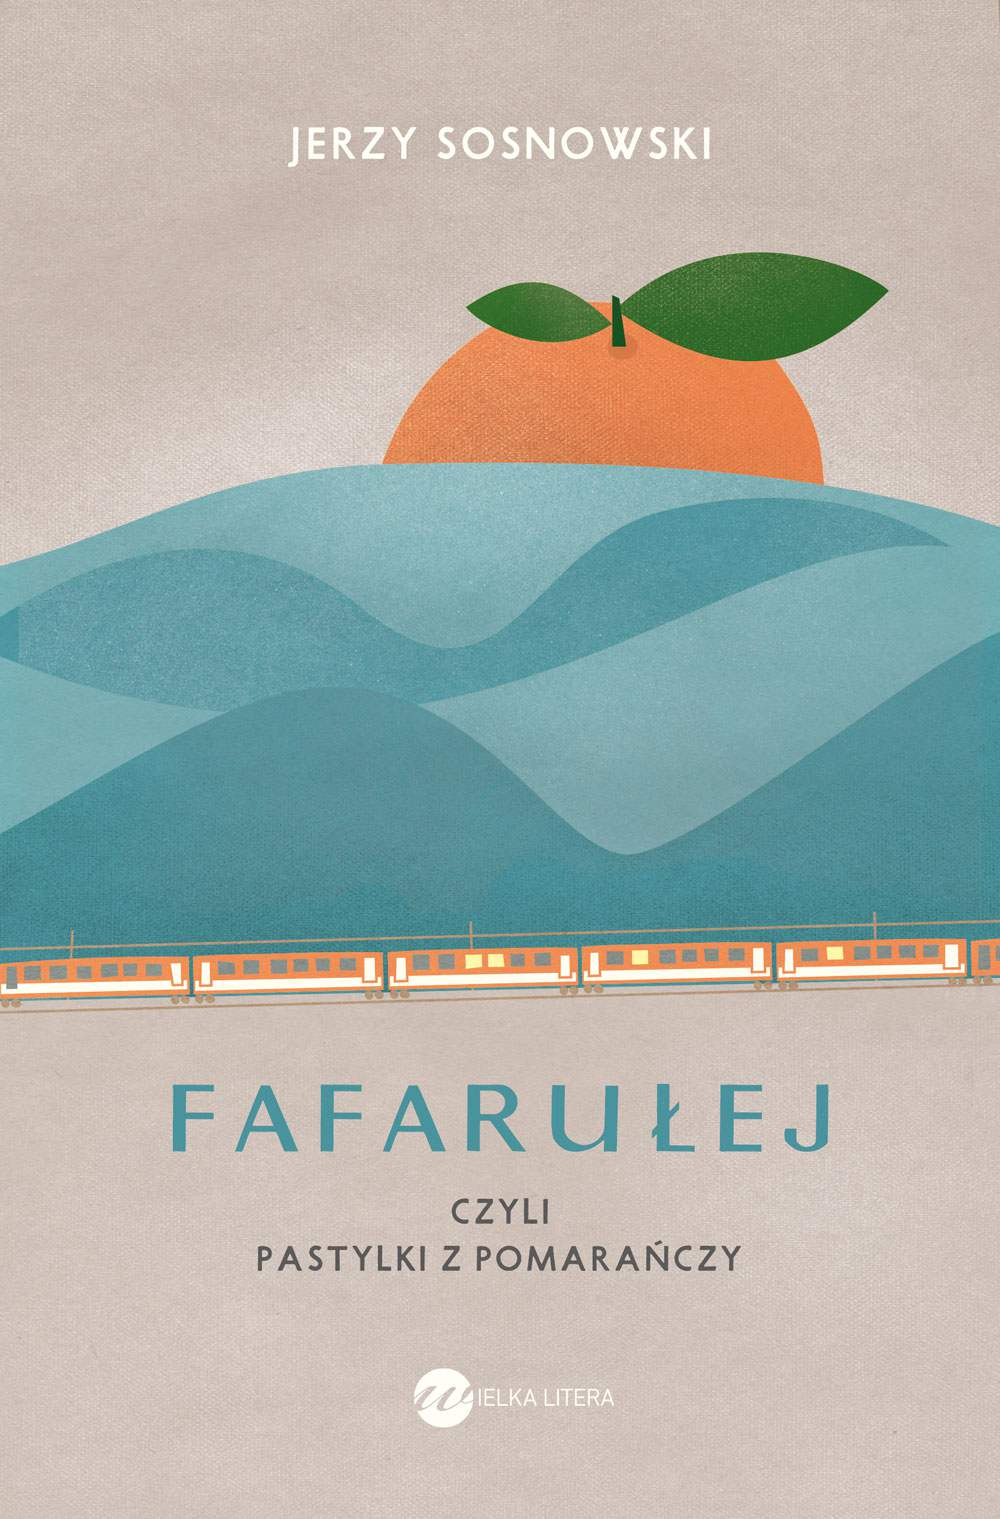 Fafarułej czyli pastylki z pomarańczy - Ebook (Książka na Kindle) do pobrania w formacie MOBI